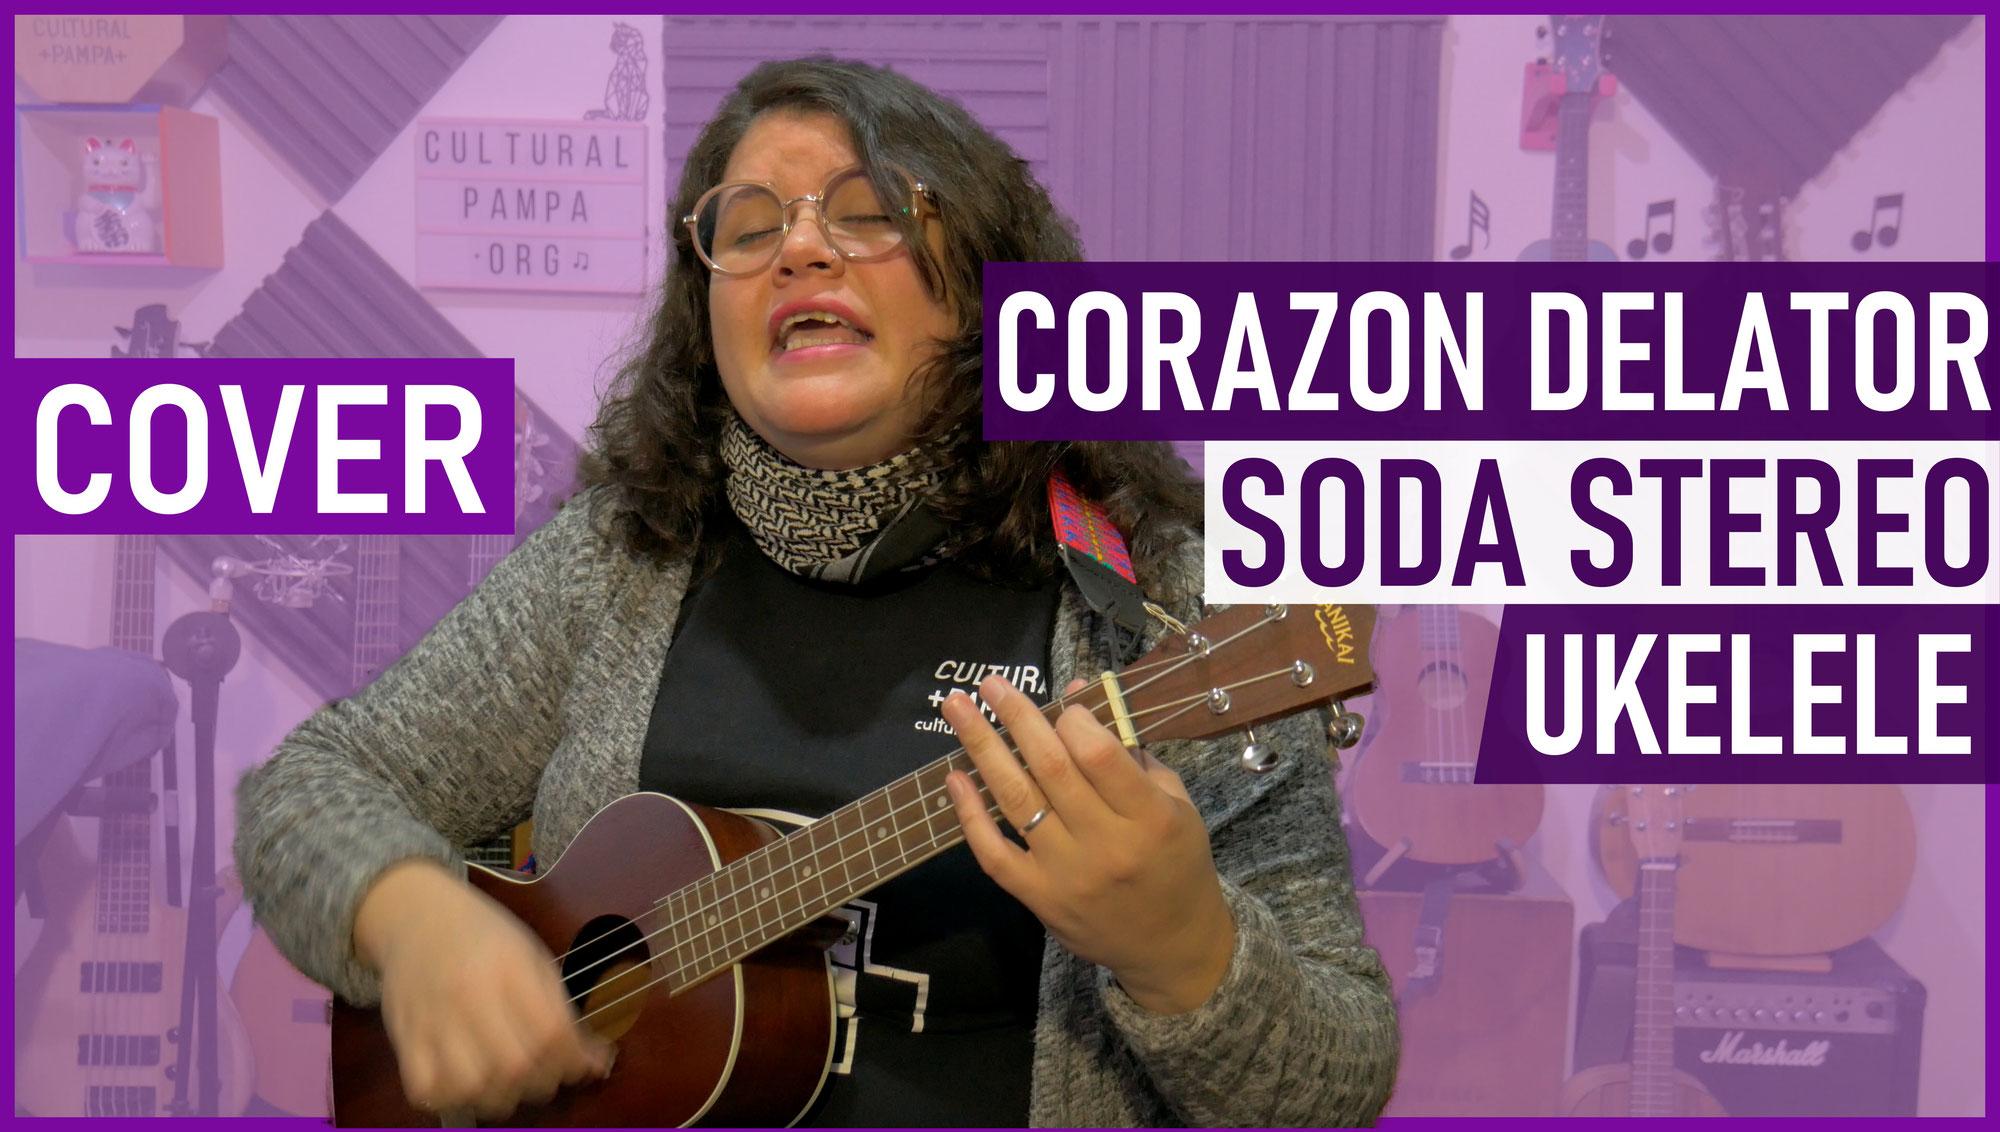 Corazon Delator (Soda Stereo - Gustavo Cerati)   Cover Ukelele